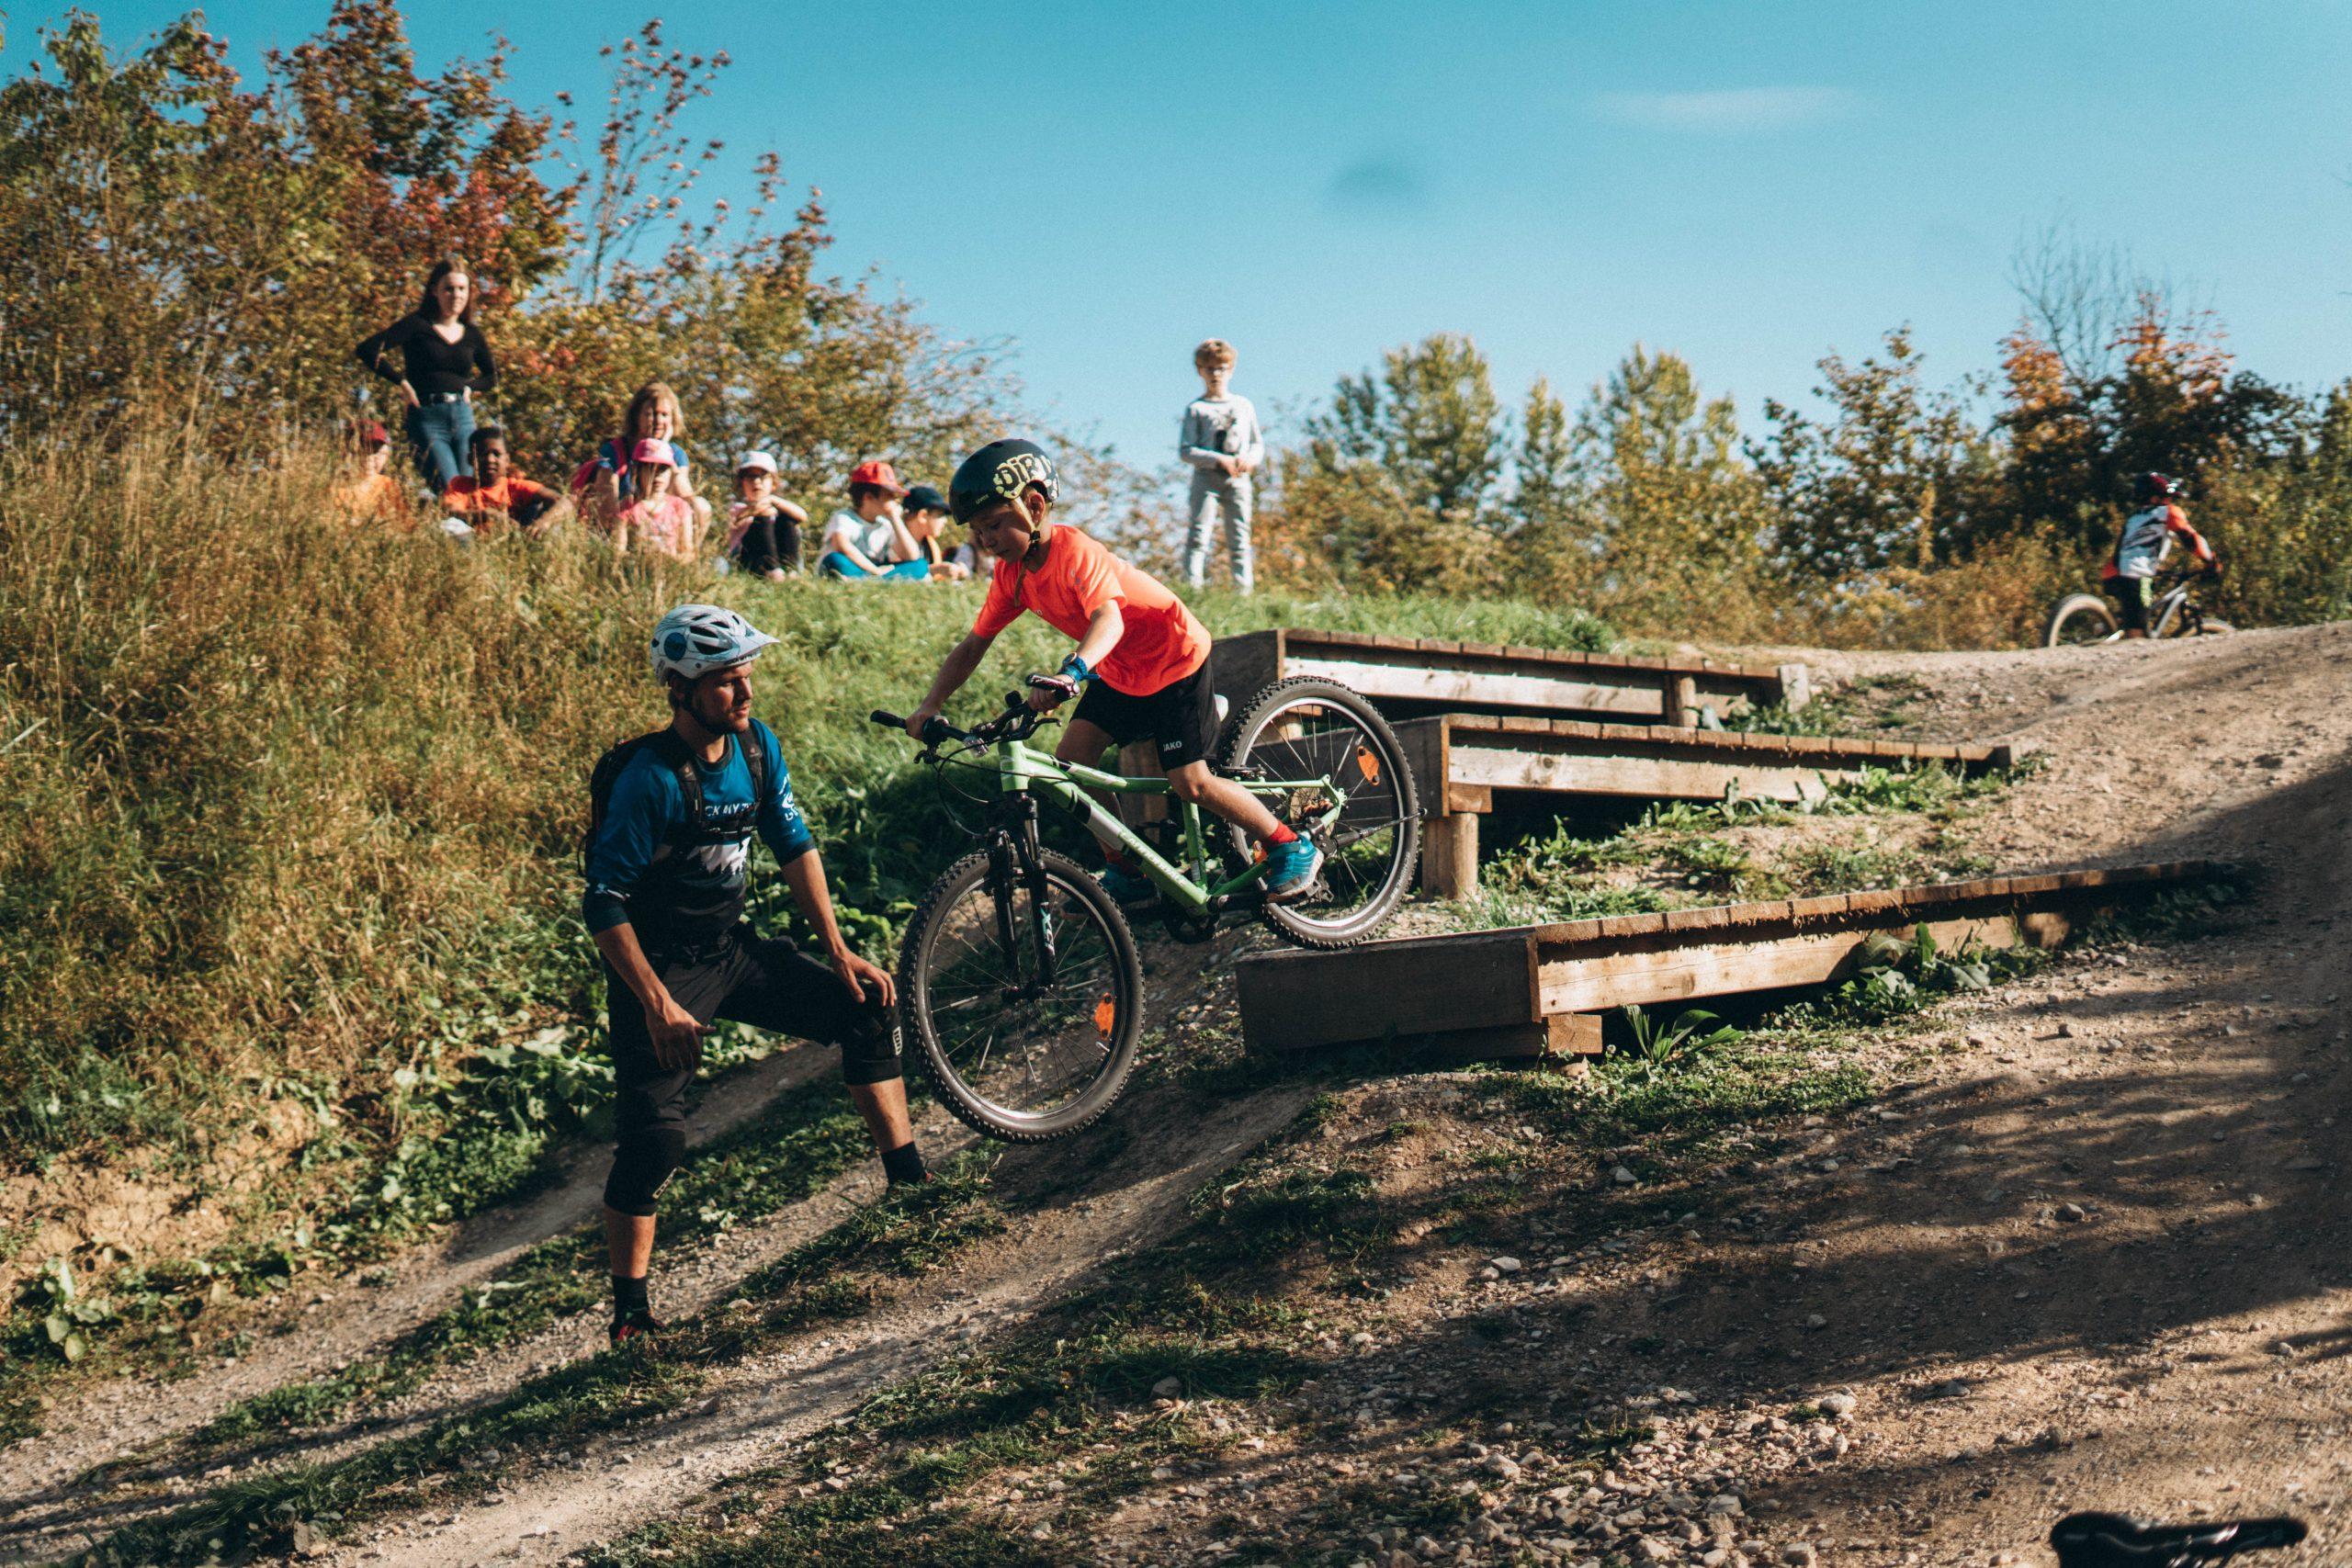 MTB Kinder Kurs Bikepark Samerberg - Fahrtechnik Training - Rock my Trail